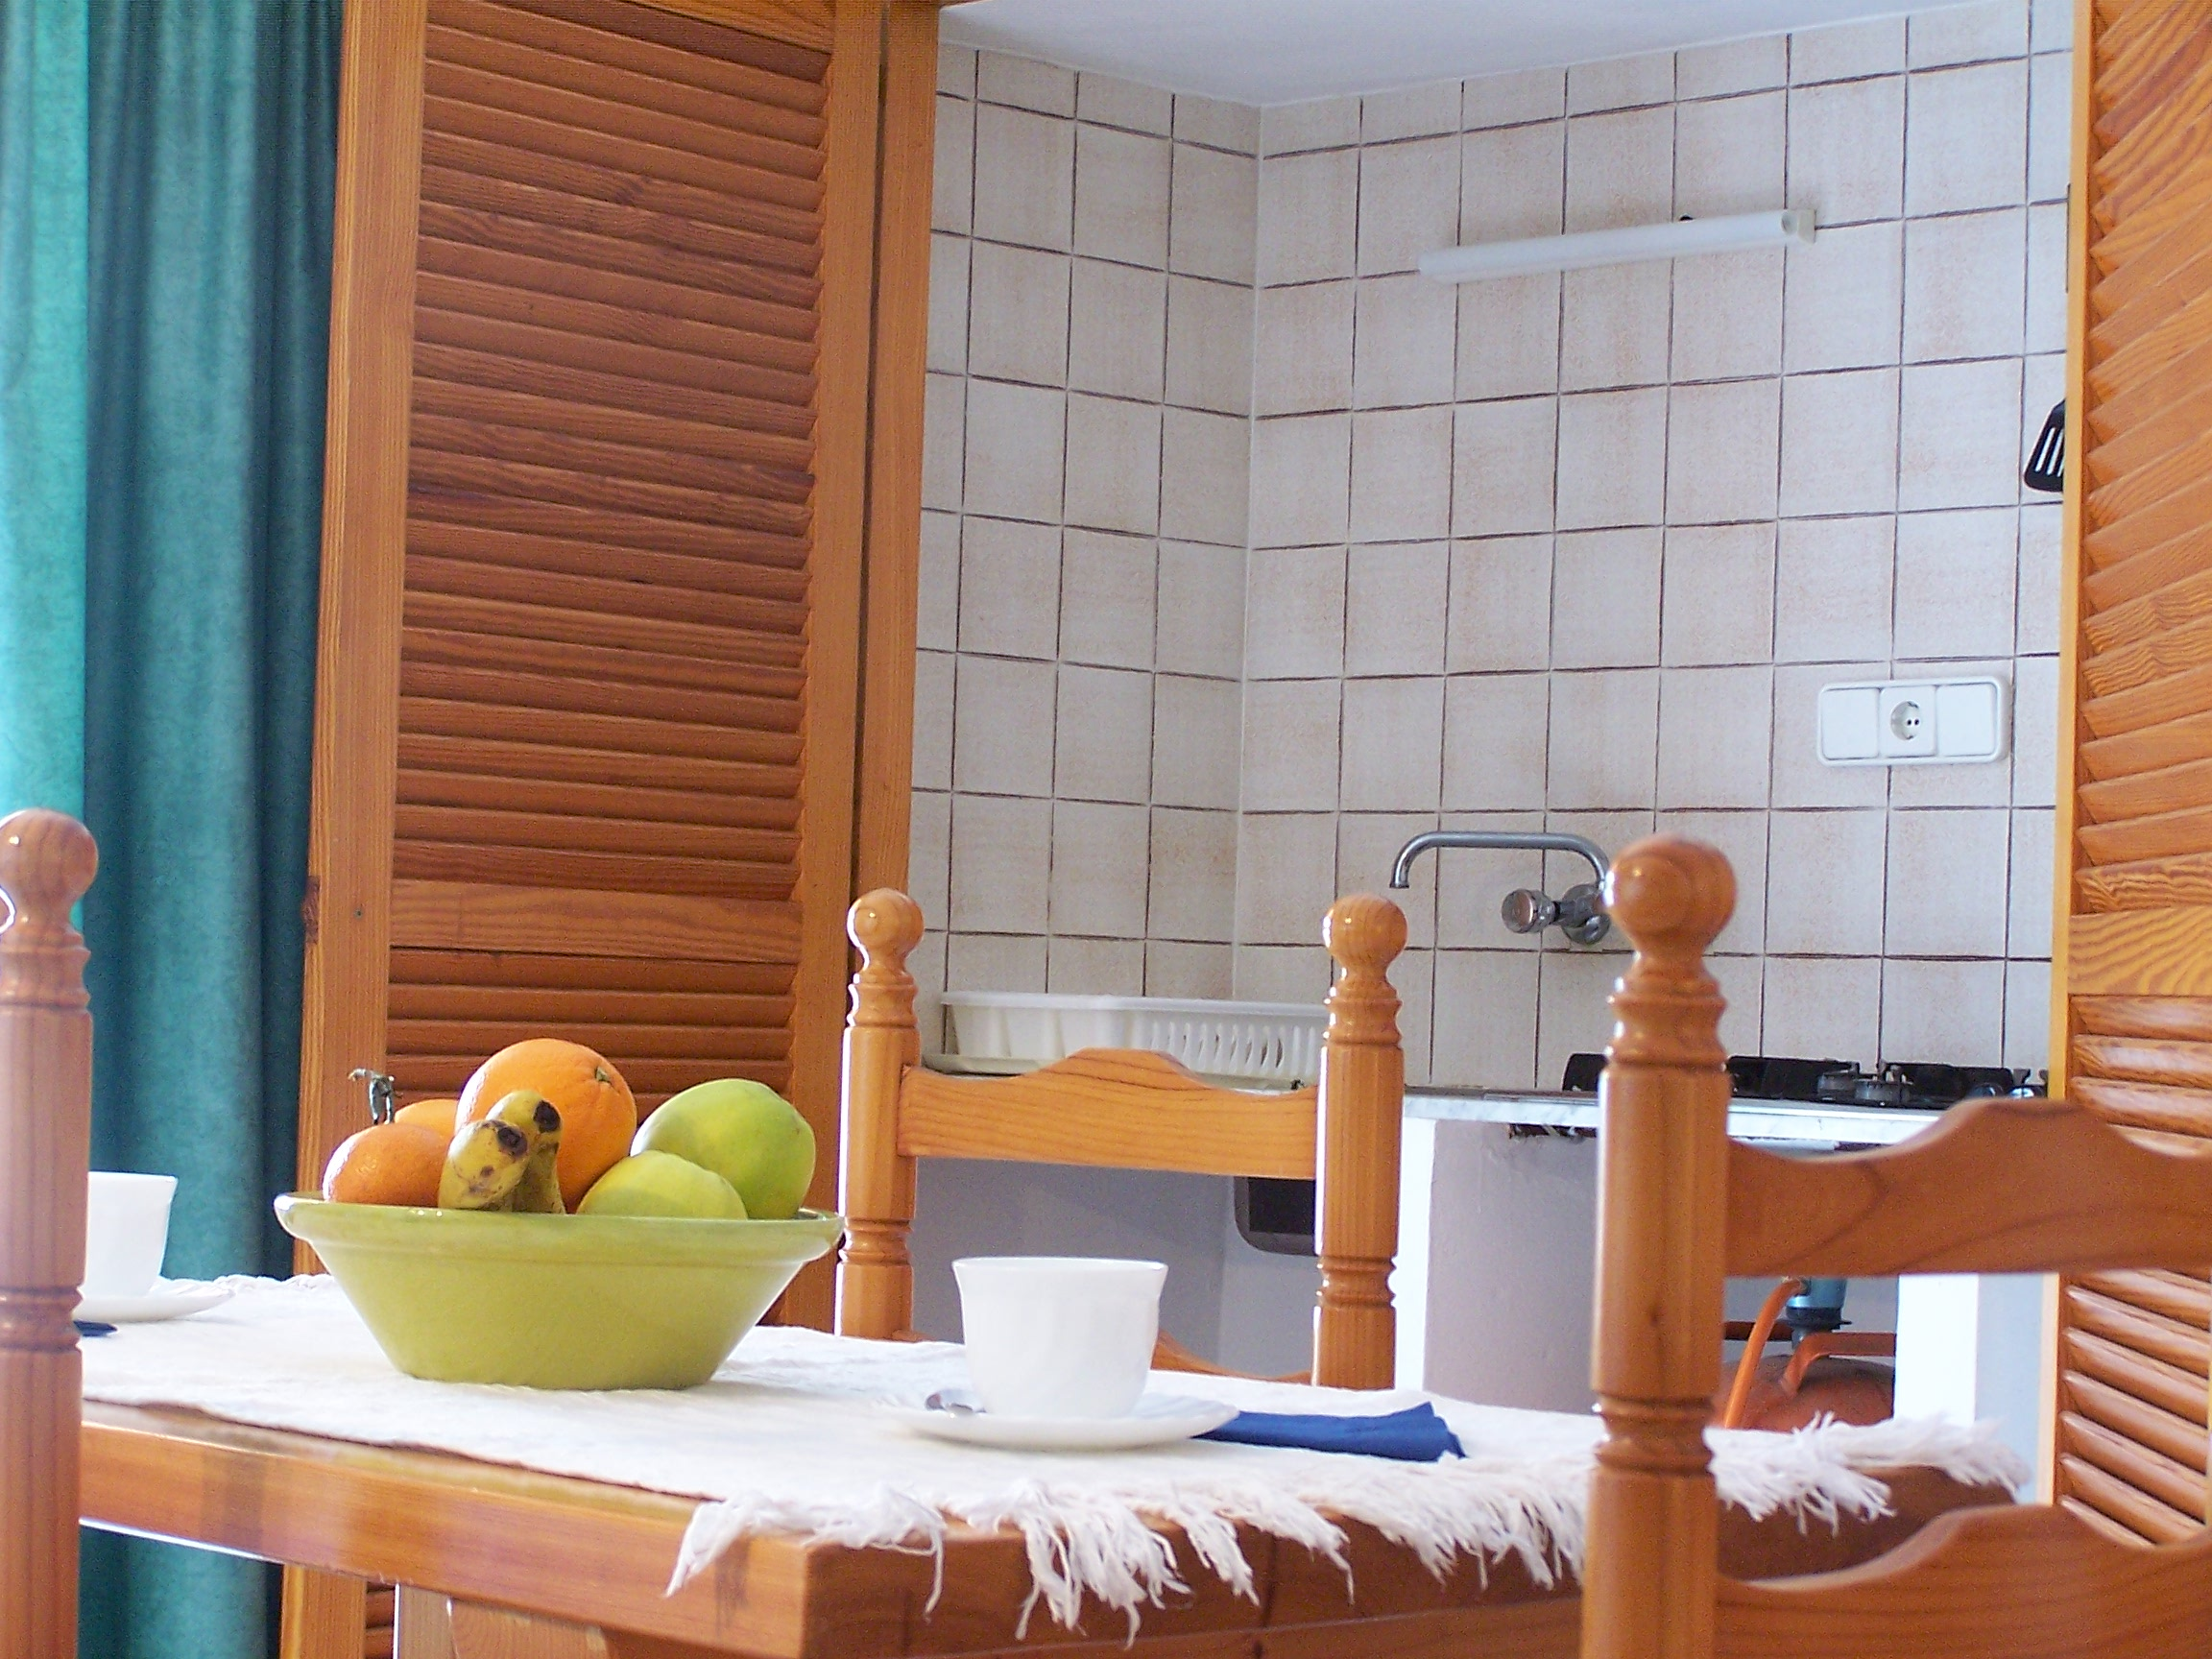 Cocina y salón comedor. Alojamientos turísticos Cardona. Apartamento vacacional en Formentera